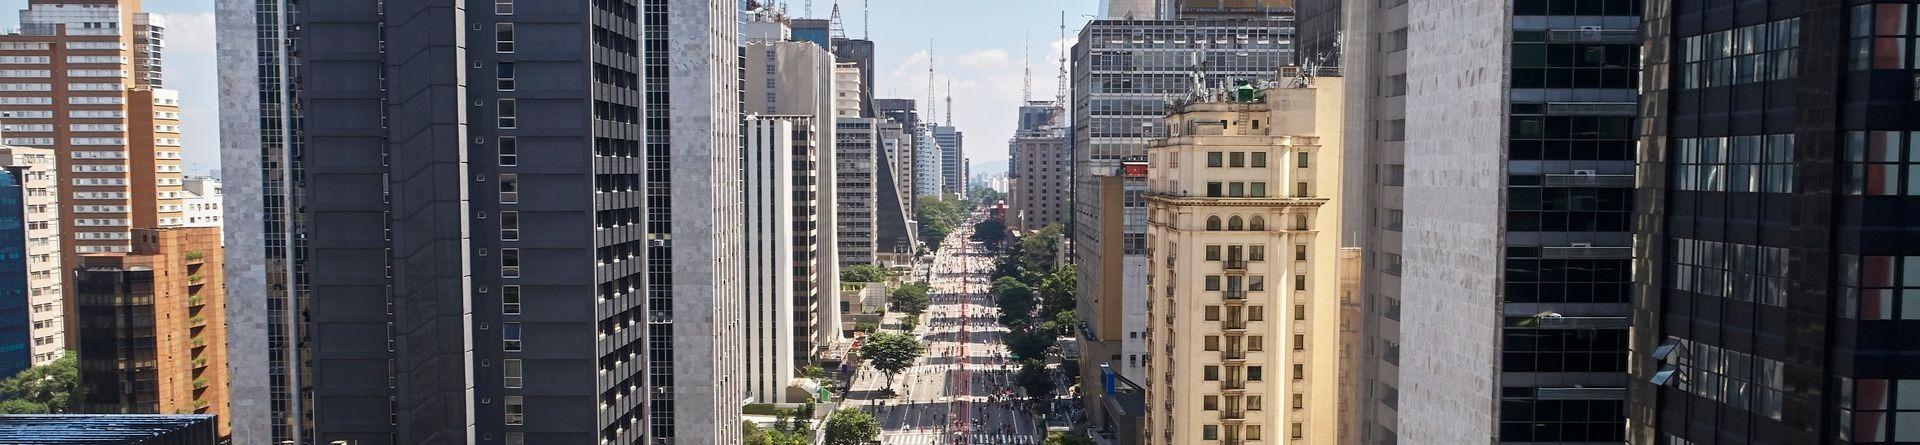 Preços dos imóveis residenciais do Brasil sobem 1,78% em abril,  segundo o IGMI-R ABECIP